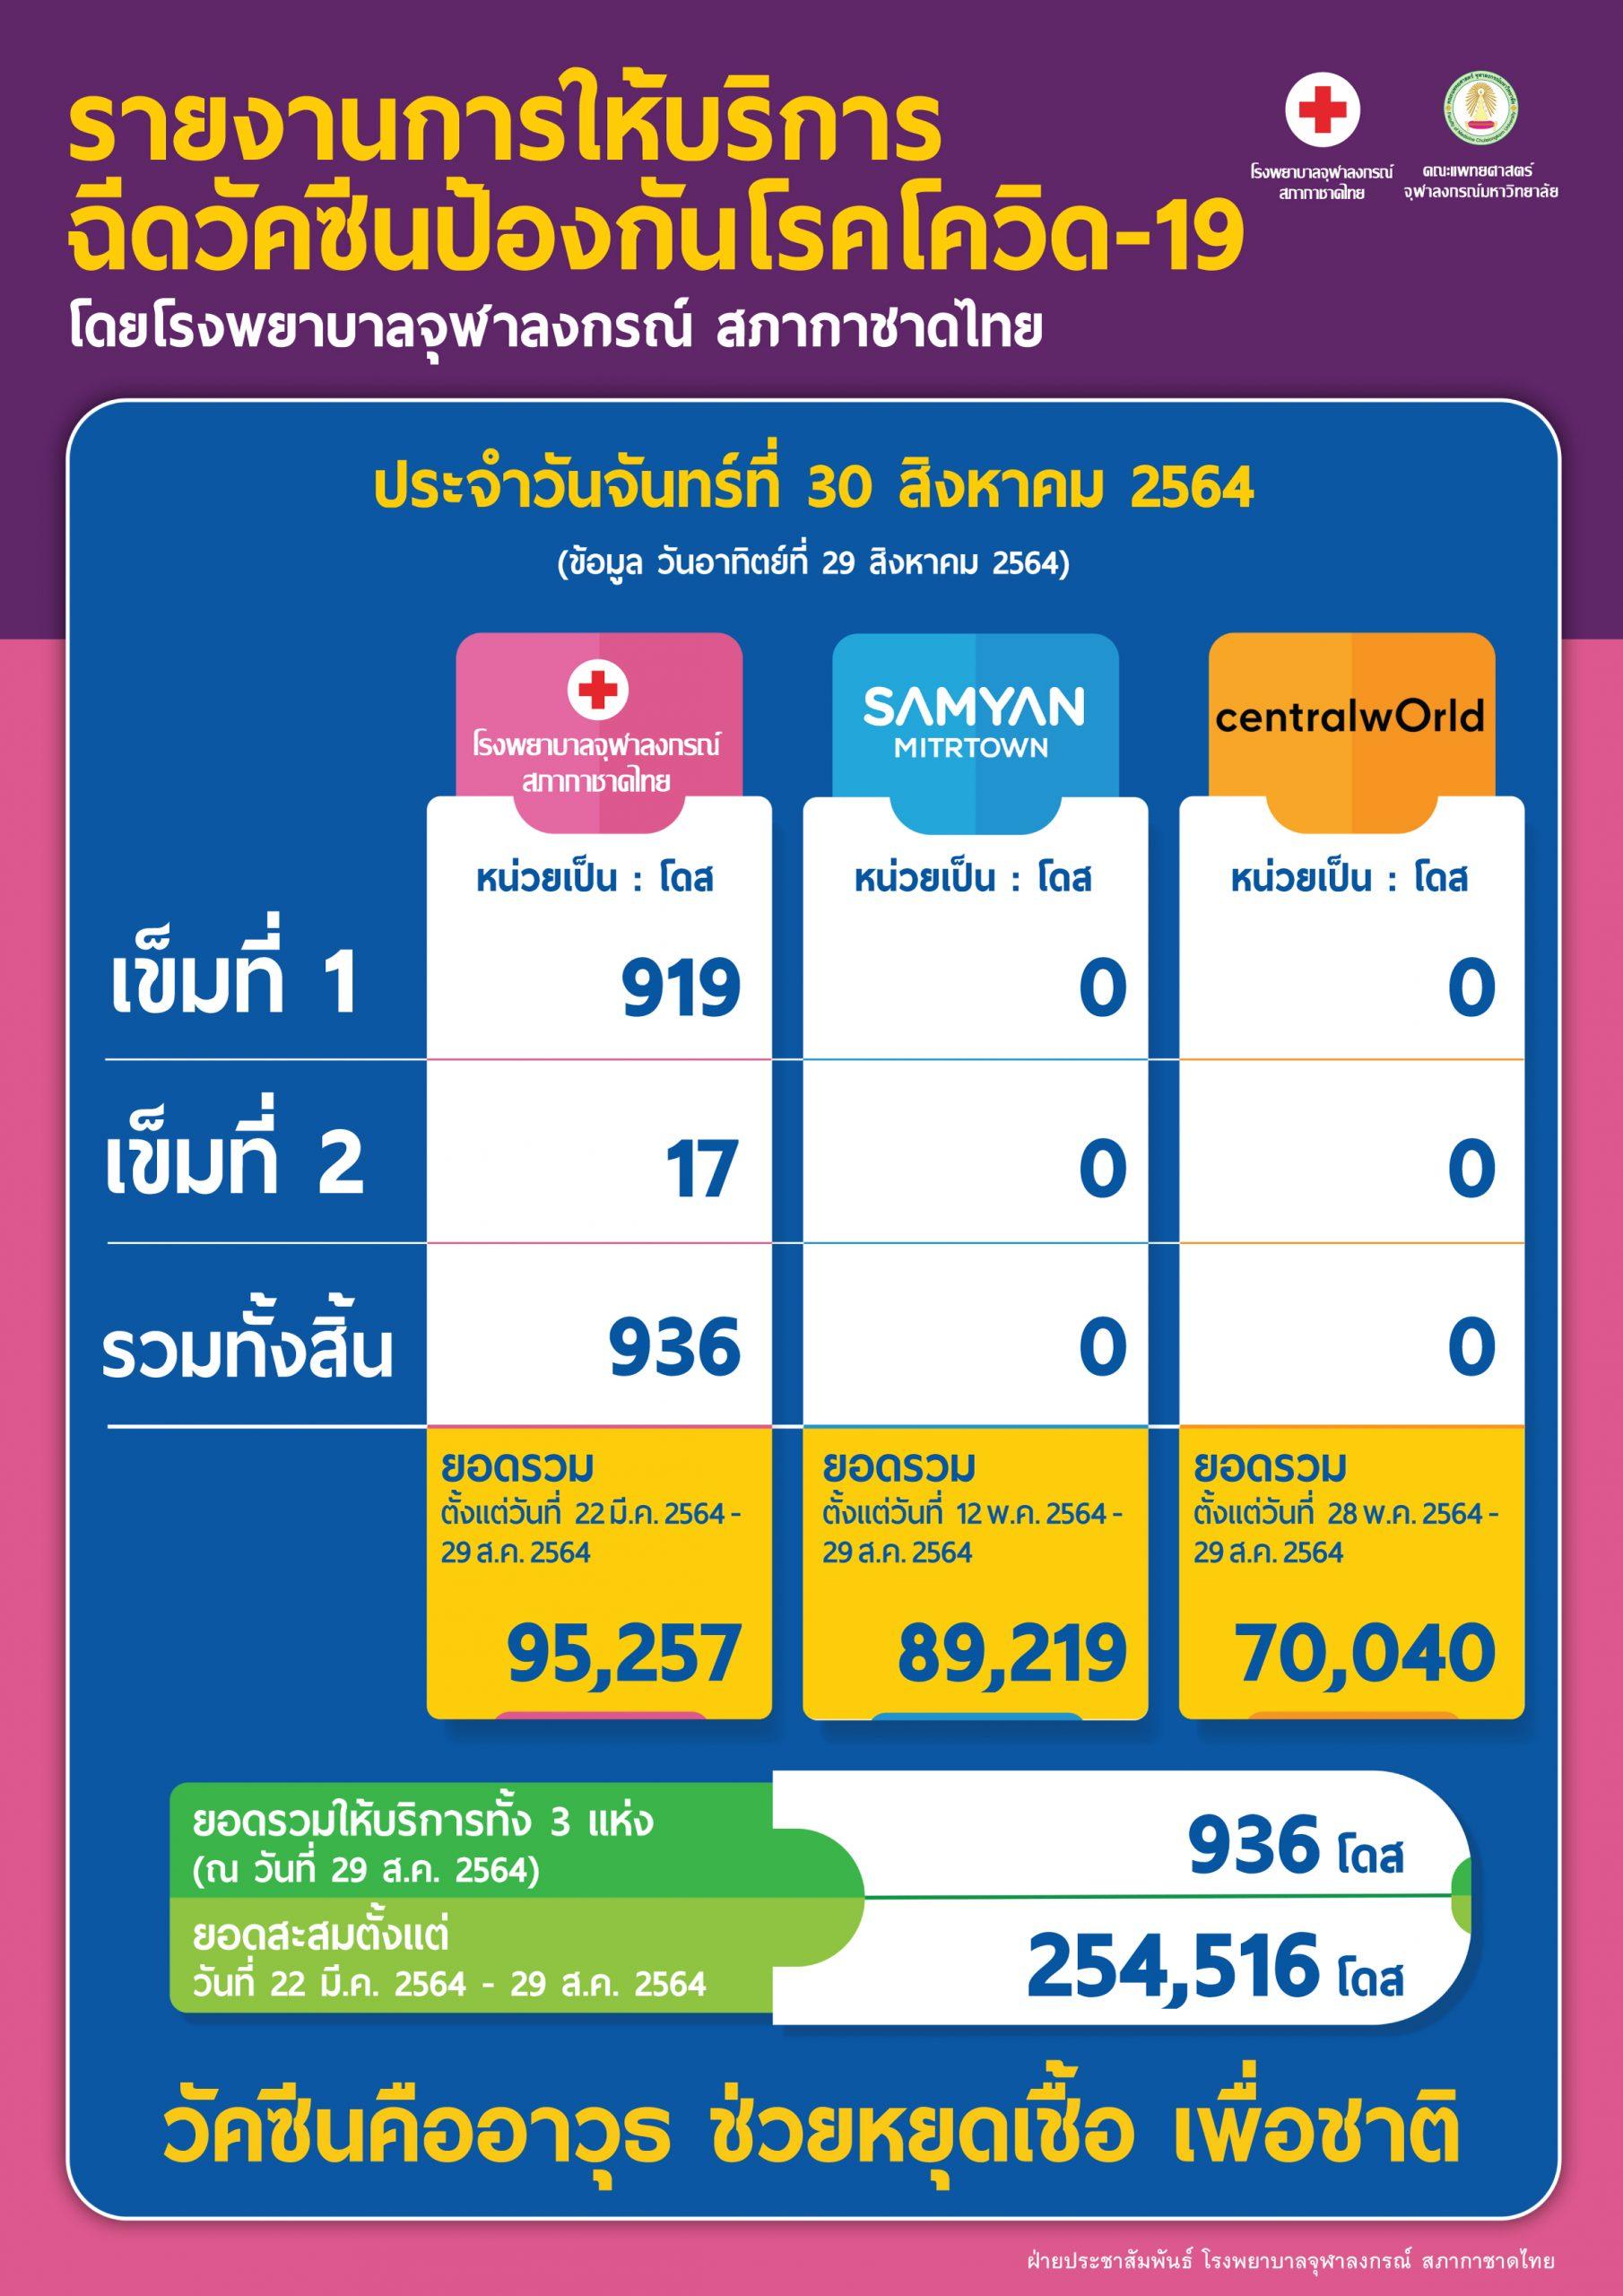 รายงานการให้บริการฉีดวัคซีนป้องกันโรคโควิด-19 โดยโรงพยาบาลจุฬาลงกรณ์ สภากาชาดไทย ประจำวันจันทร์ที่ 30 สิงหาคม 2564